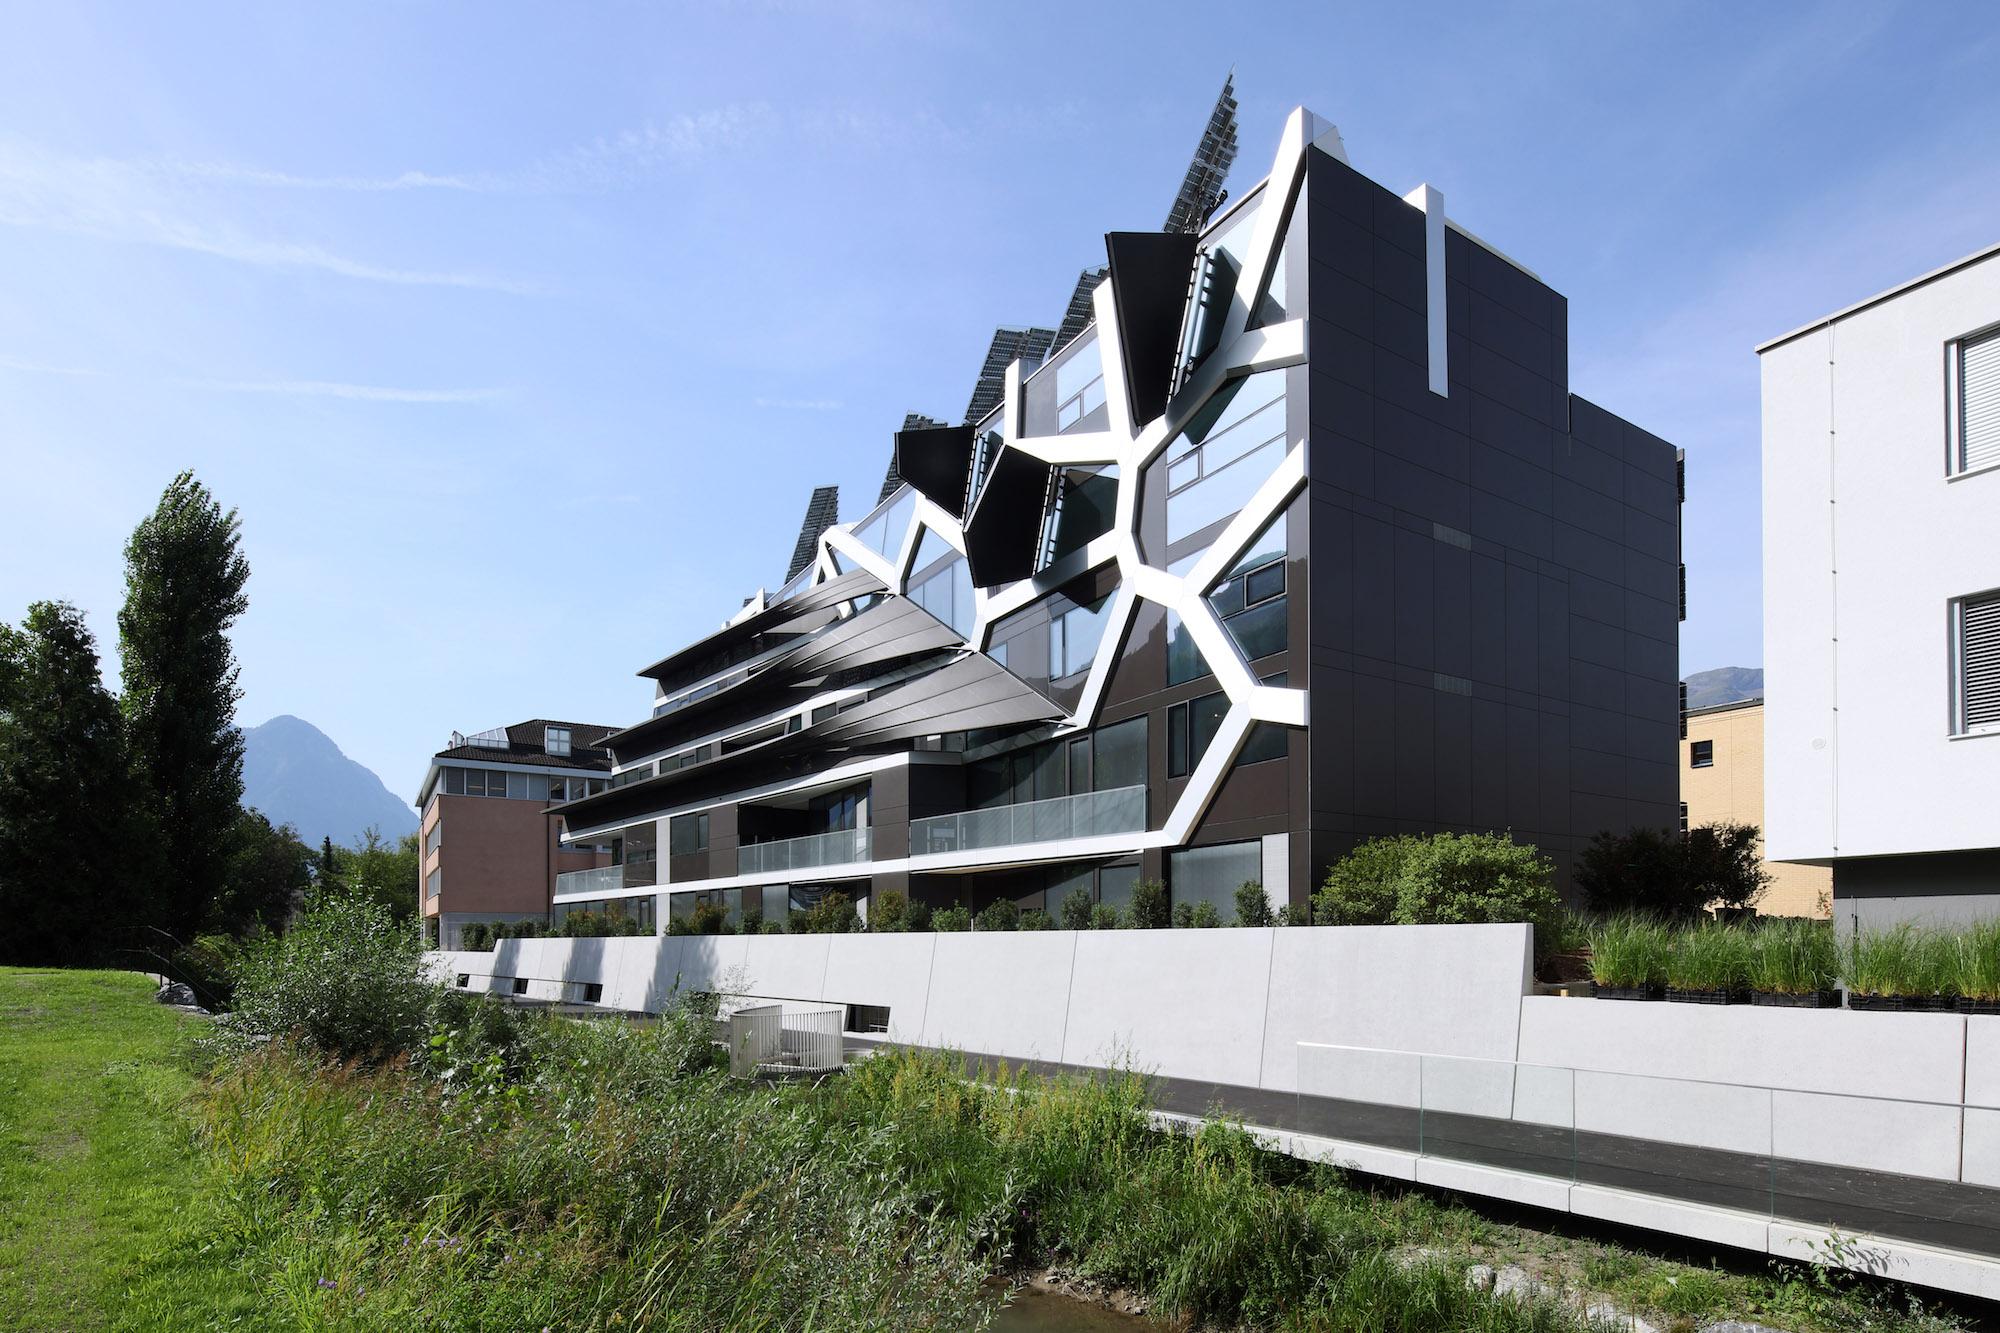 Haus als Hightech-Organismus: nachhaltige Architektur